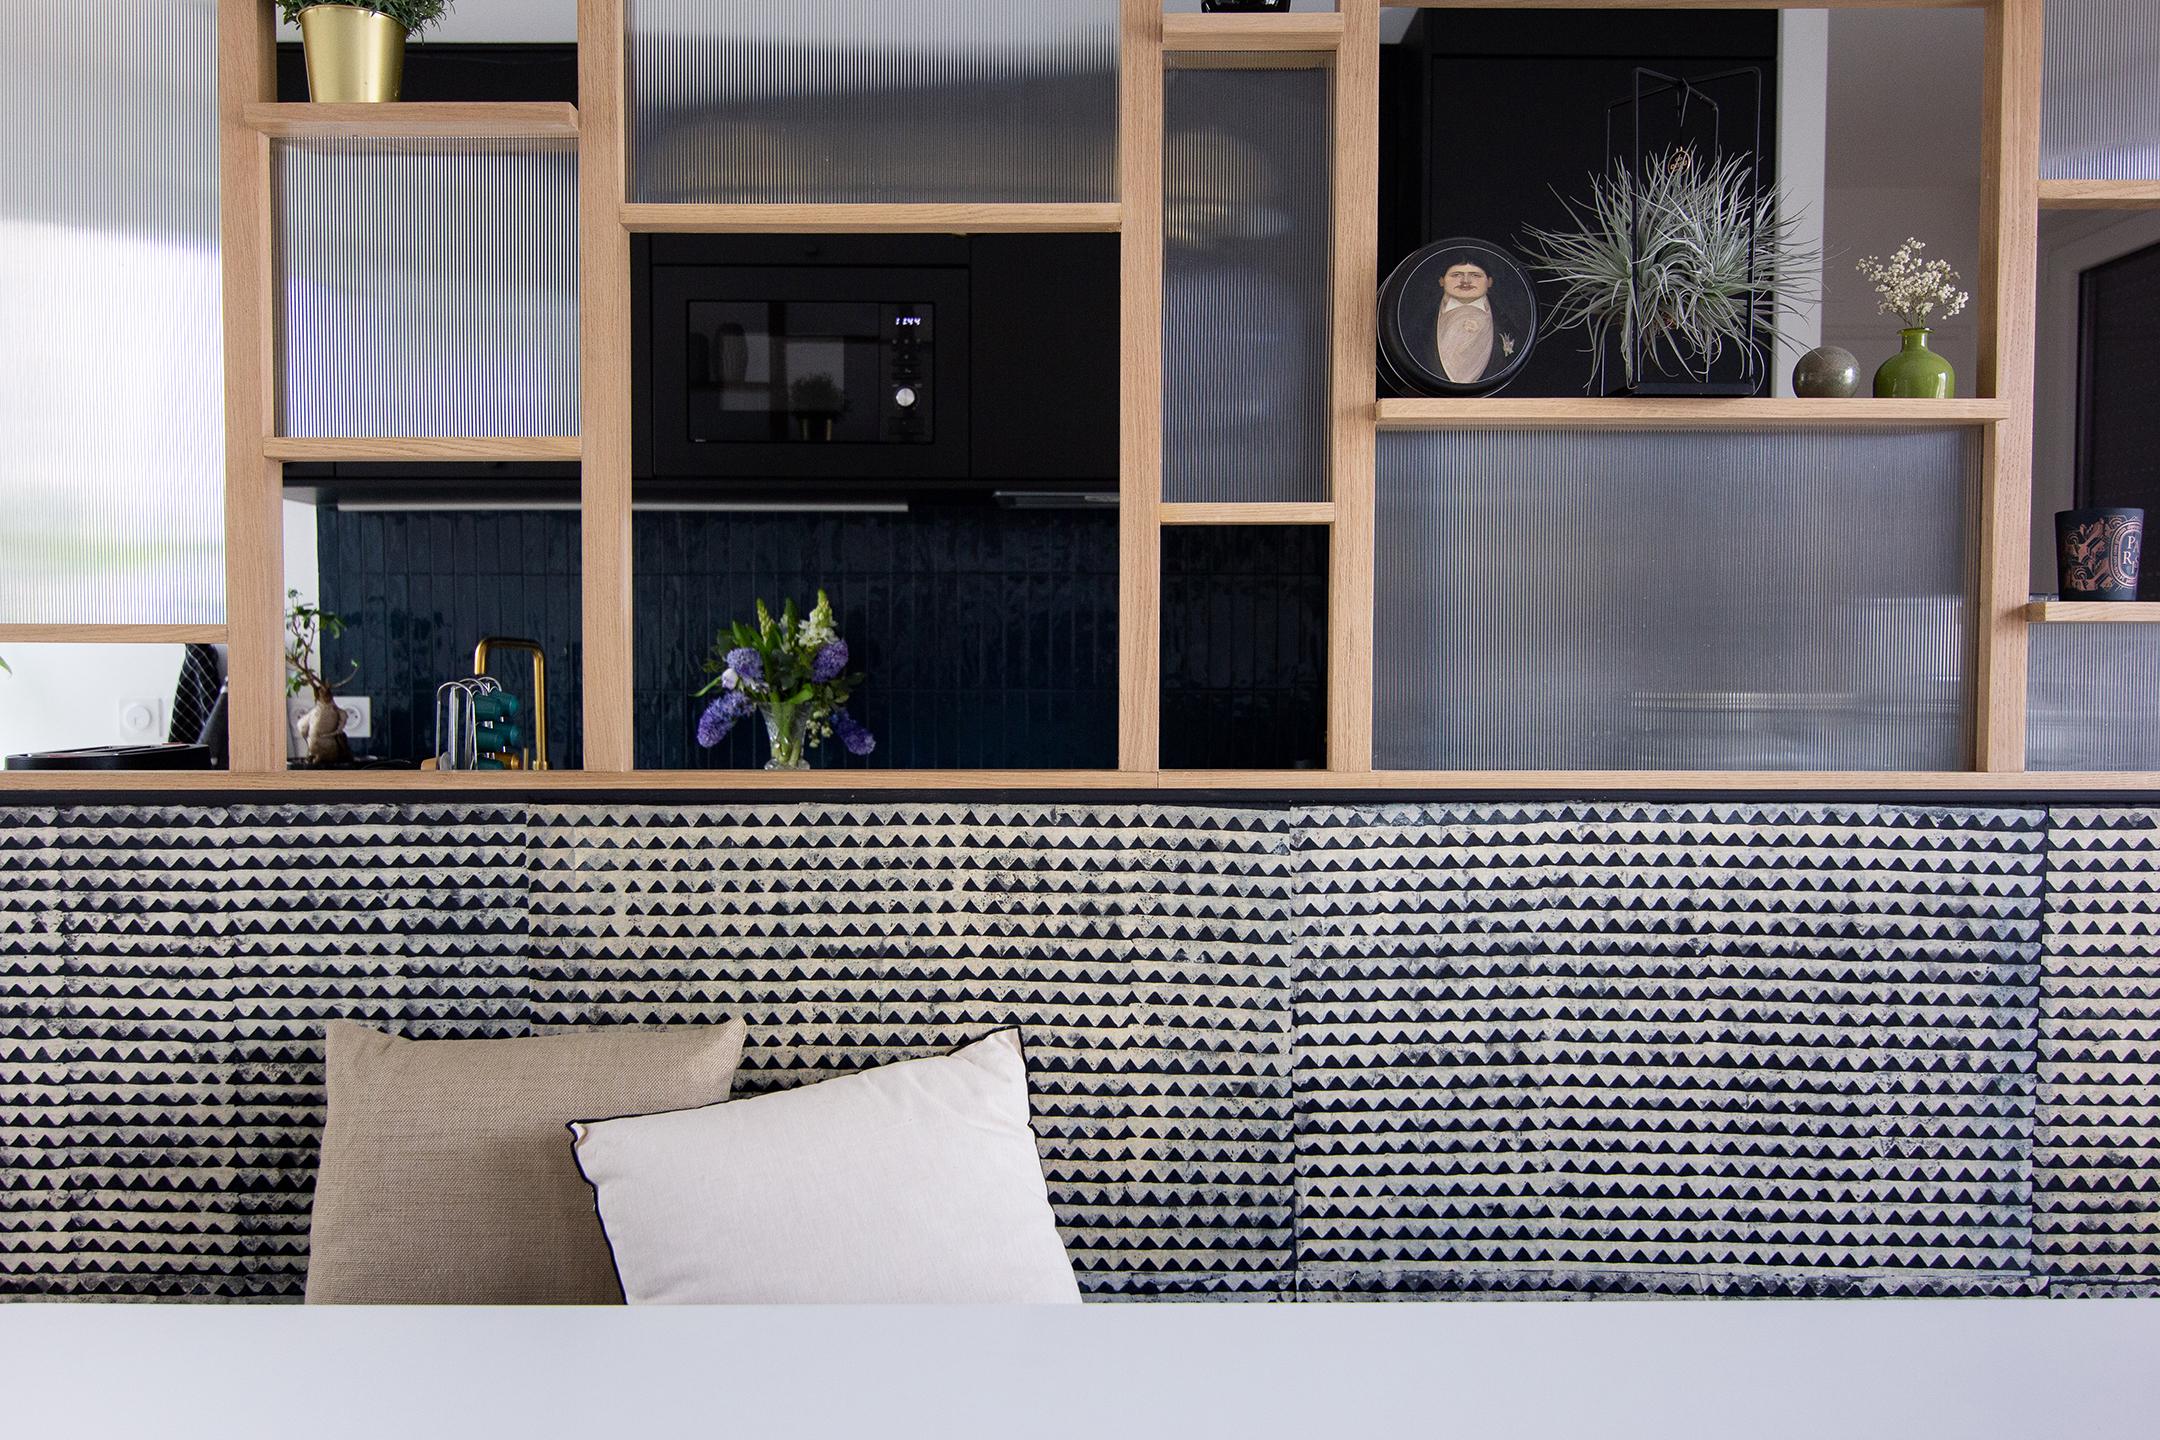 Banquette salle-à-manger - Architecte d'intérieur Studio Mariekke - Paris